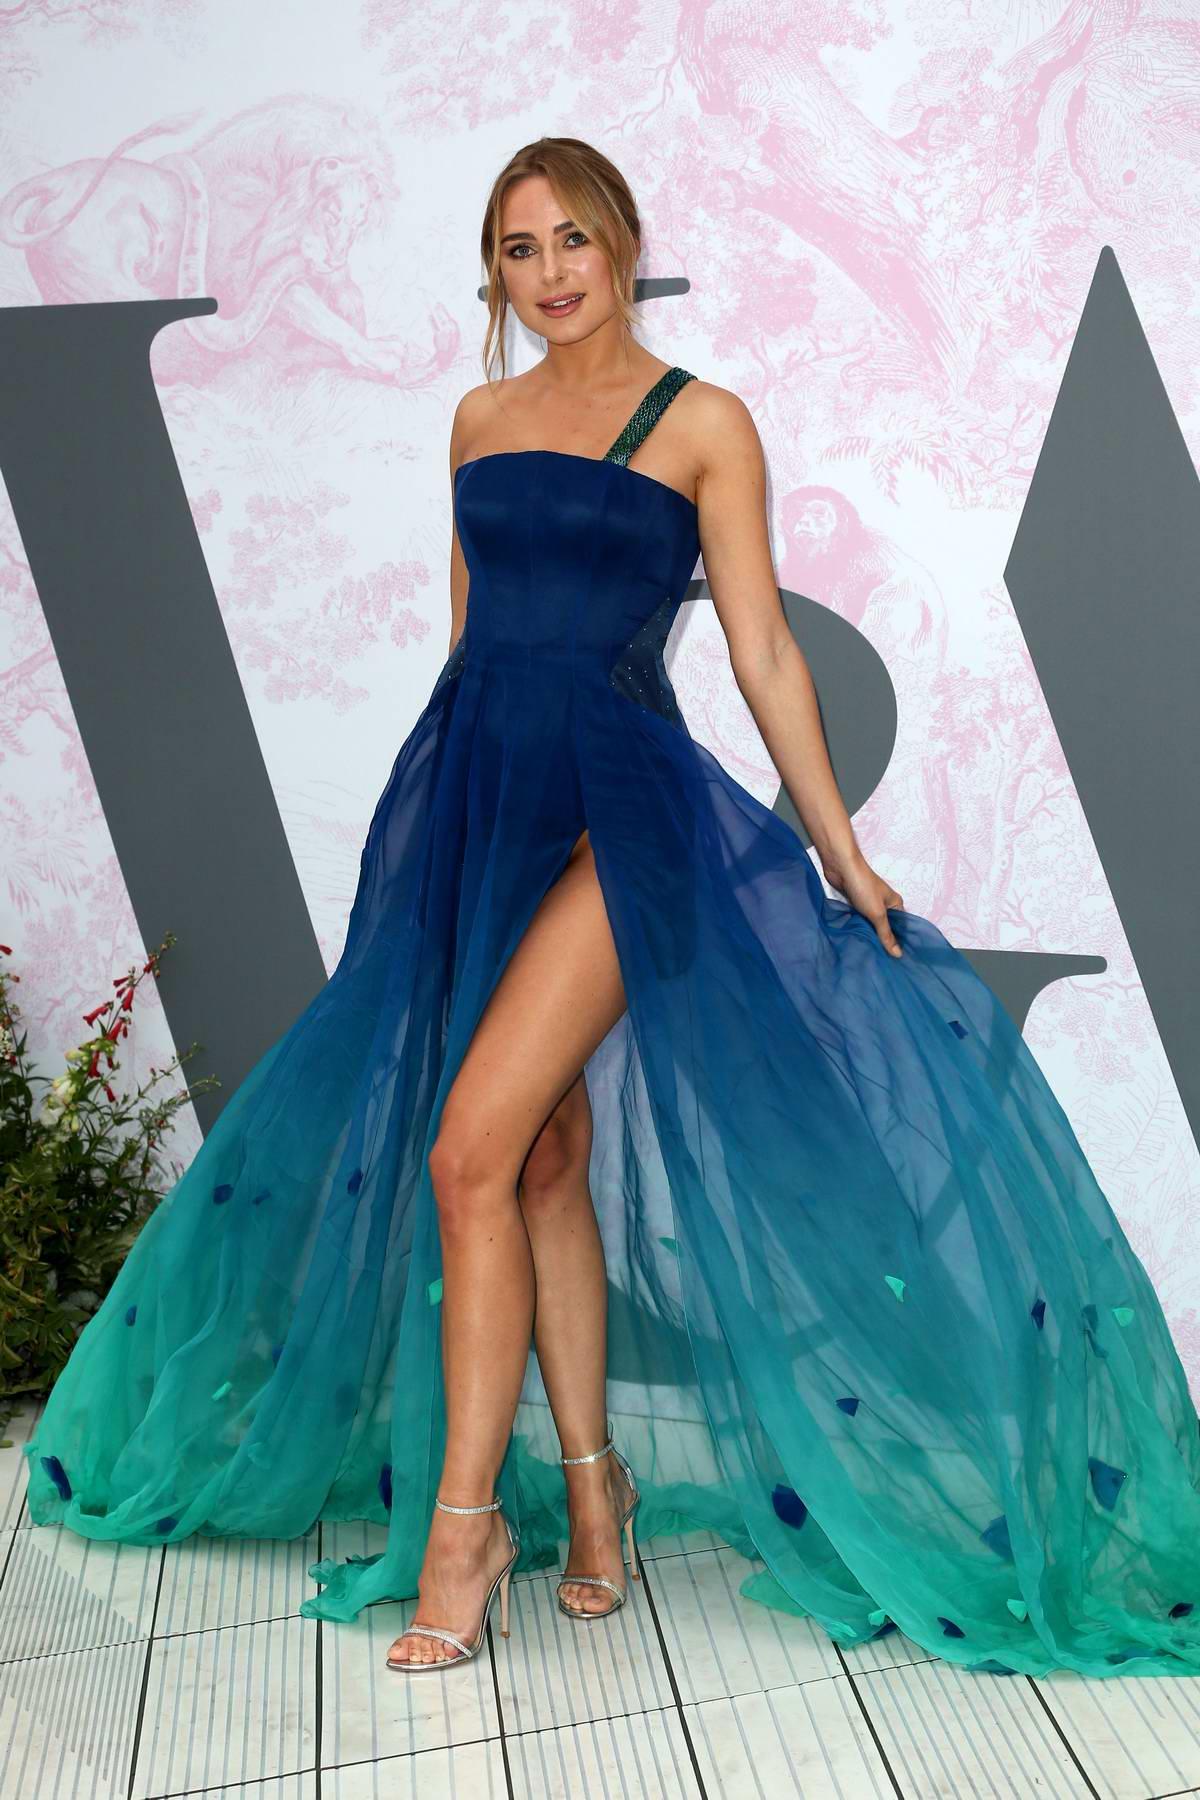 kimberley garner mặc đầm xanh đến tiệc mùa Hè của Dior